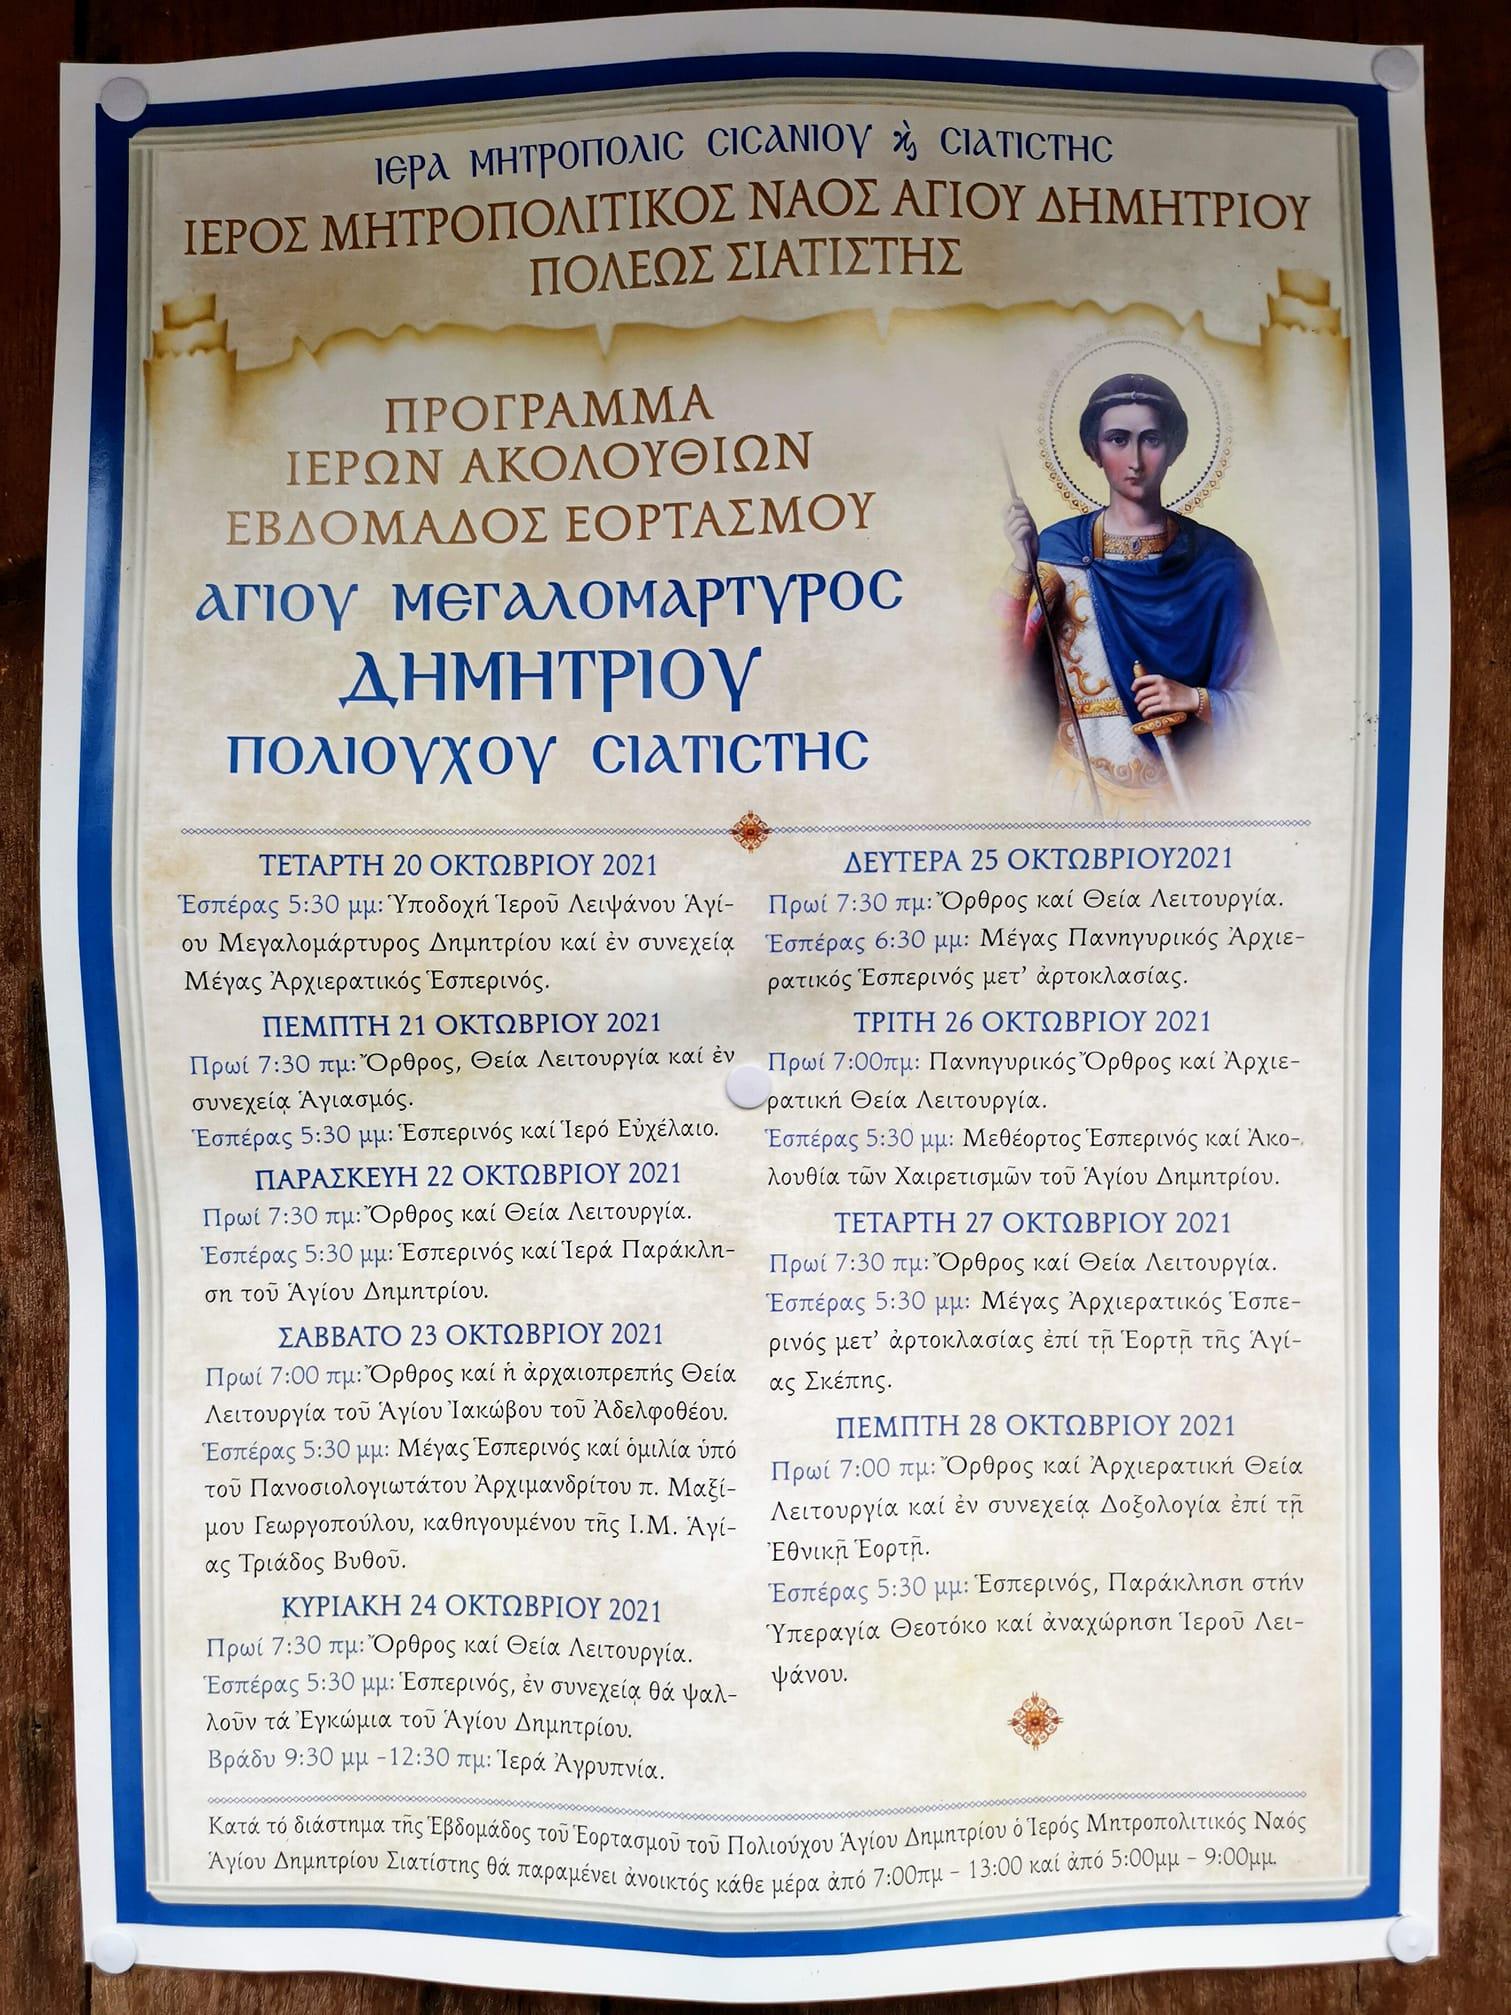 Πρόγραμμα εορτασμού Αγ. Δημητρίου στον Ιερό Μητροπολιτικό ναό Αγ. Δημητρίου στην Σιάτιστα